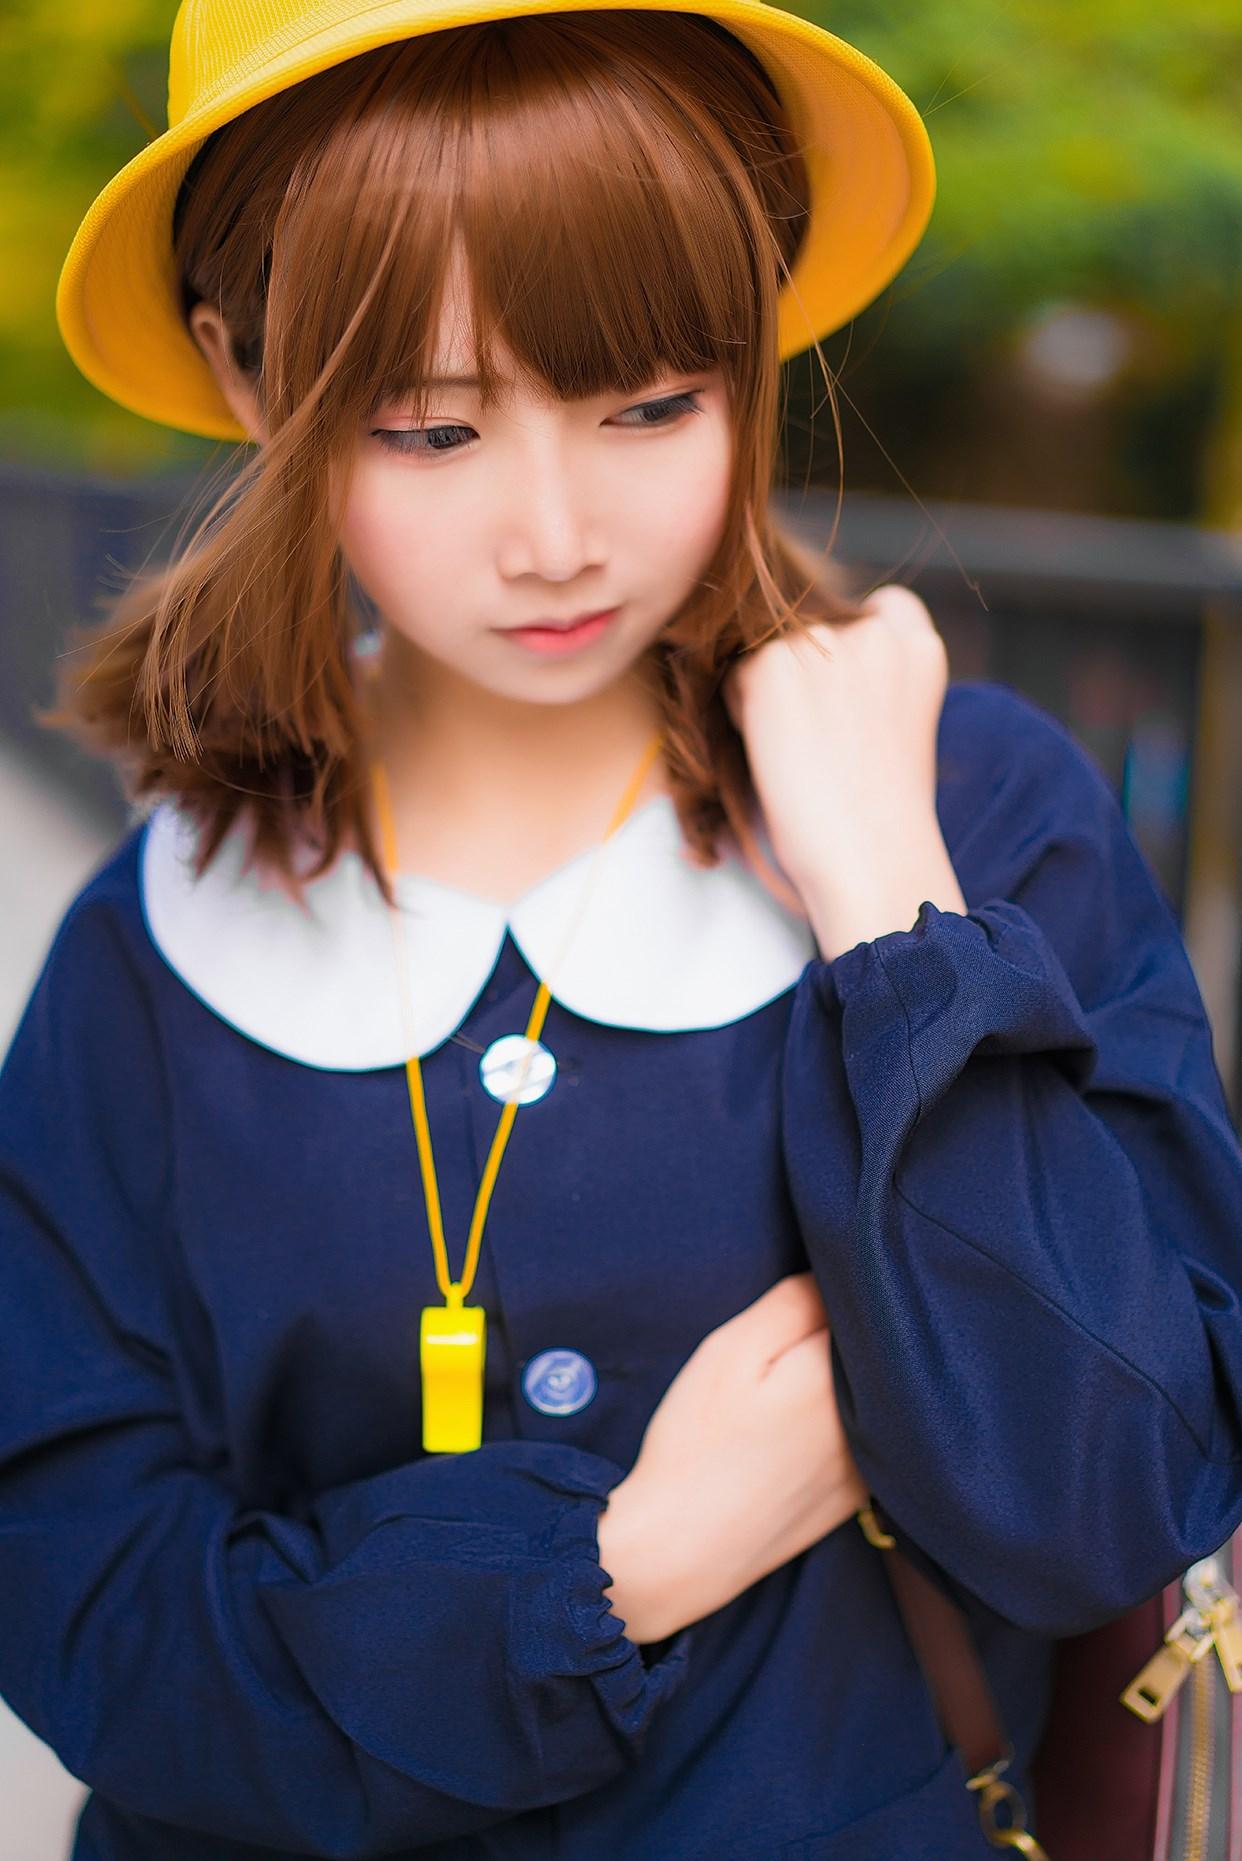 【兔玩映画】幼稚园 兔玩映画 第10张